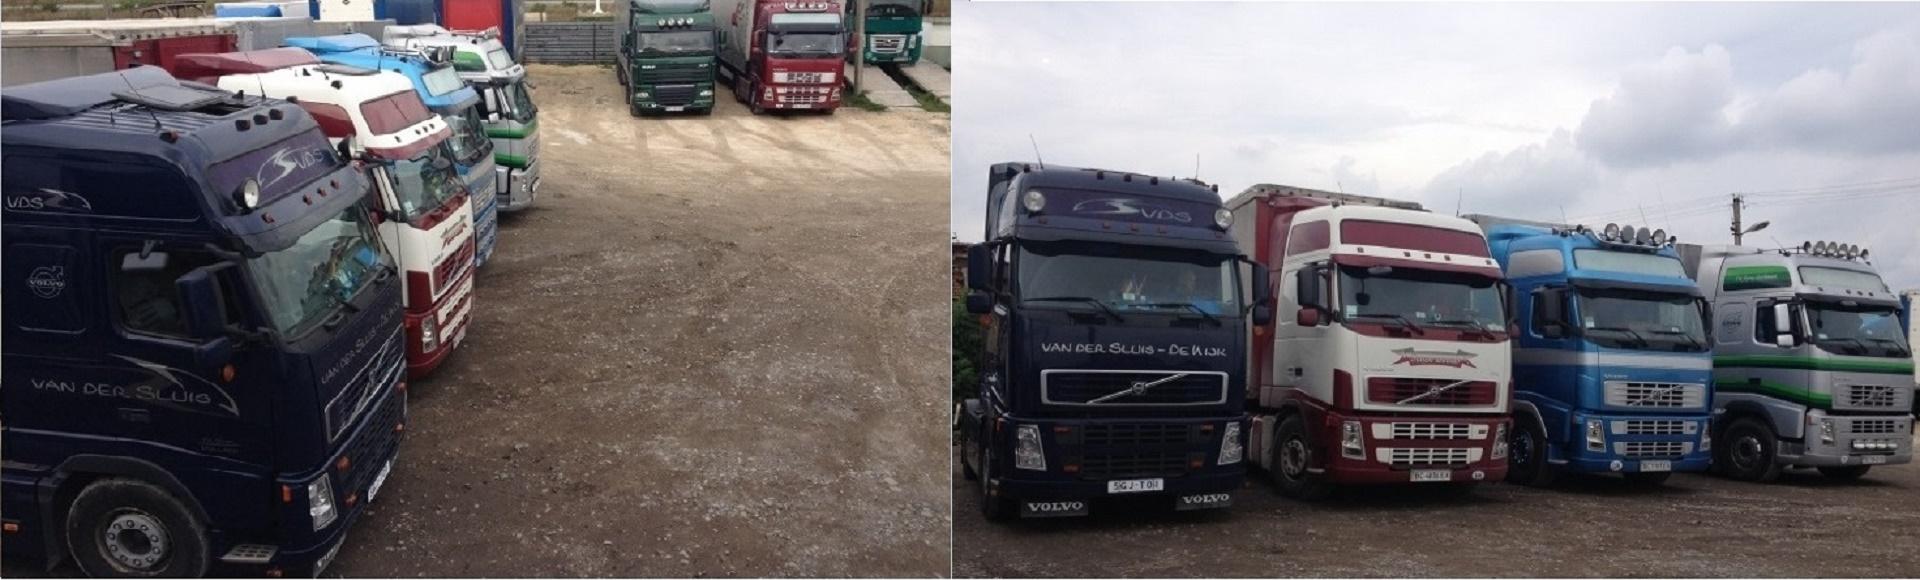 HEVKO Trucks & Trailers